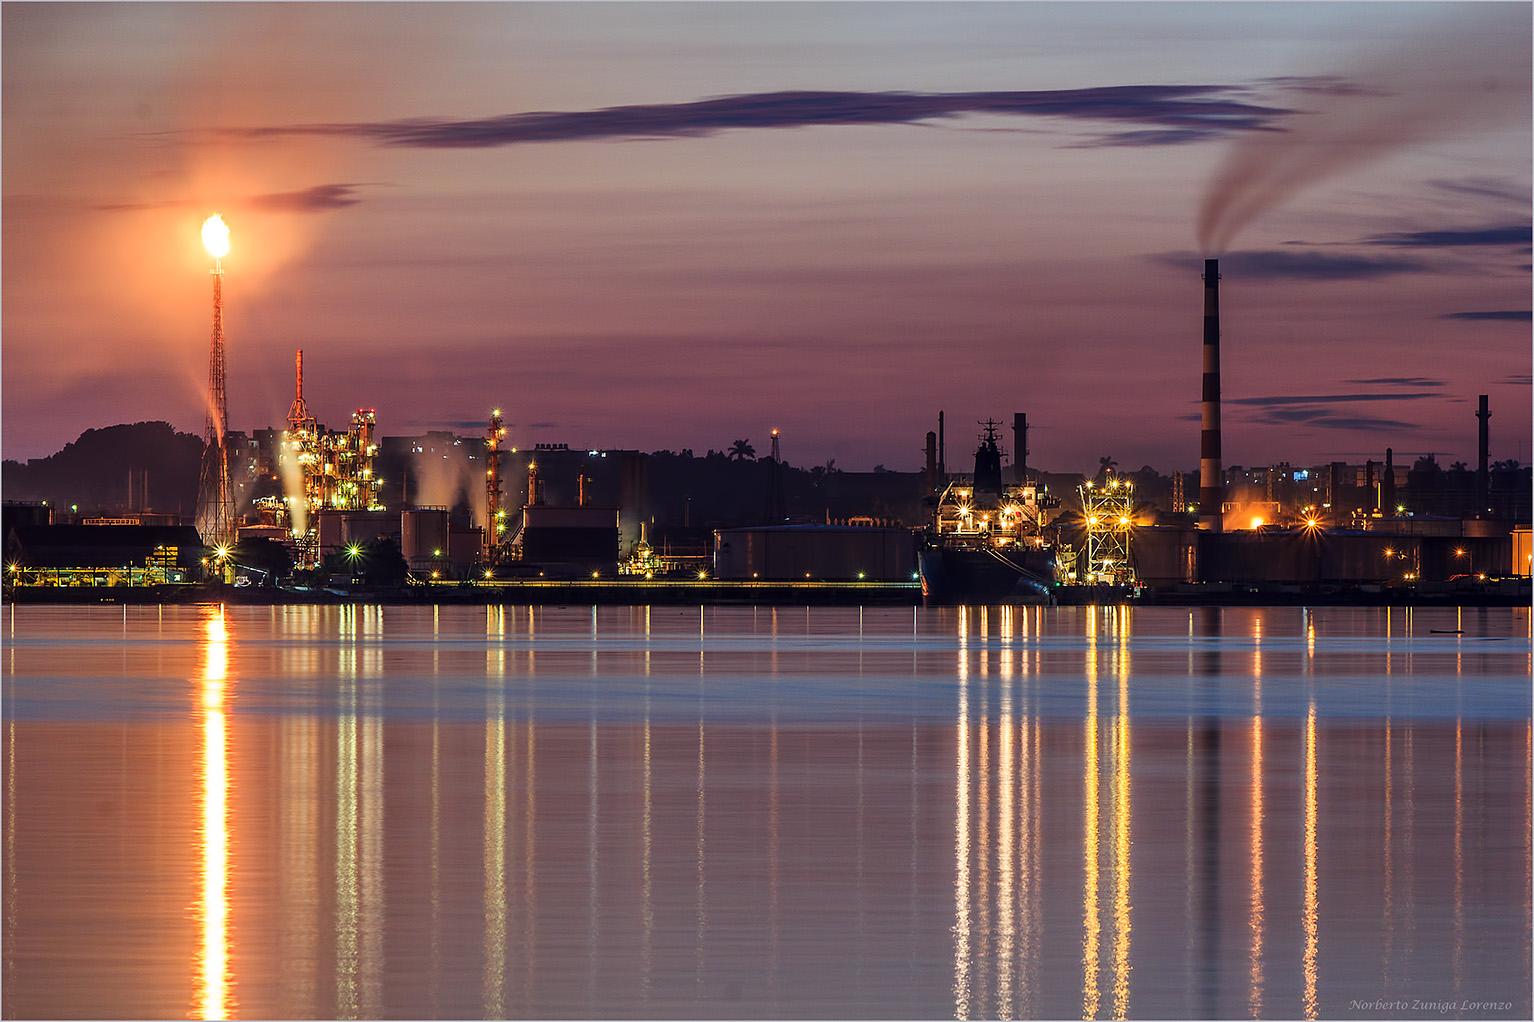 The Refineria Nico Lopez...